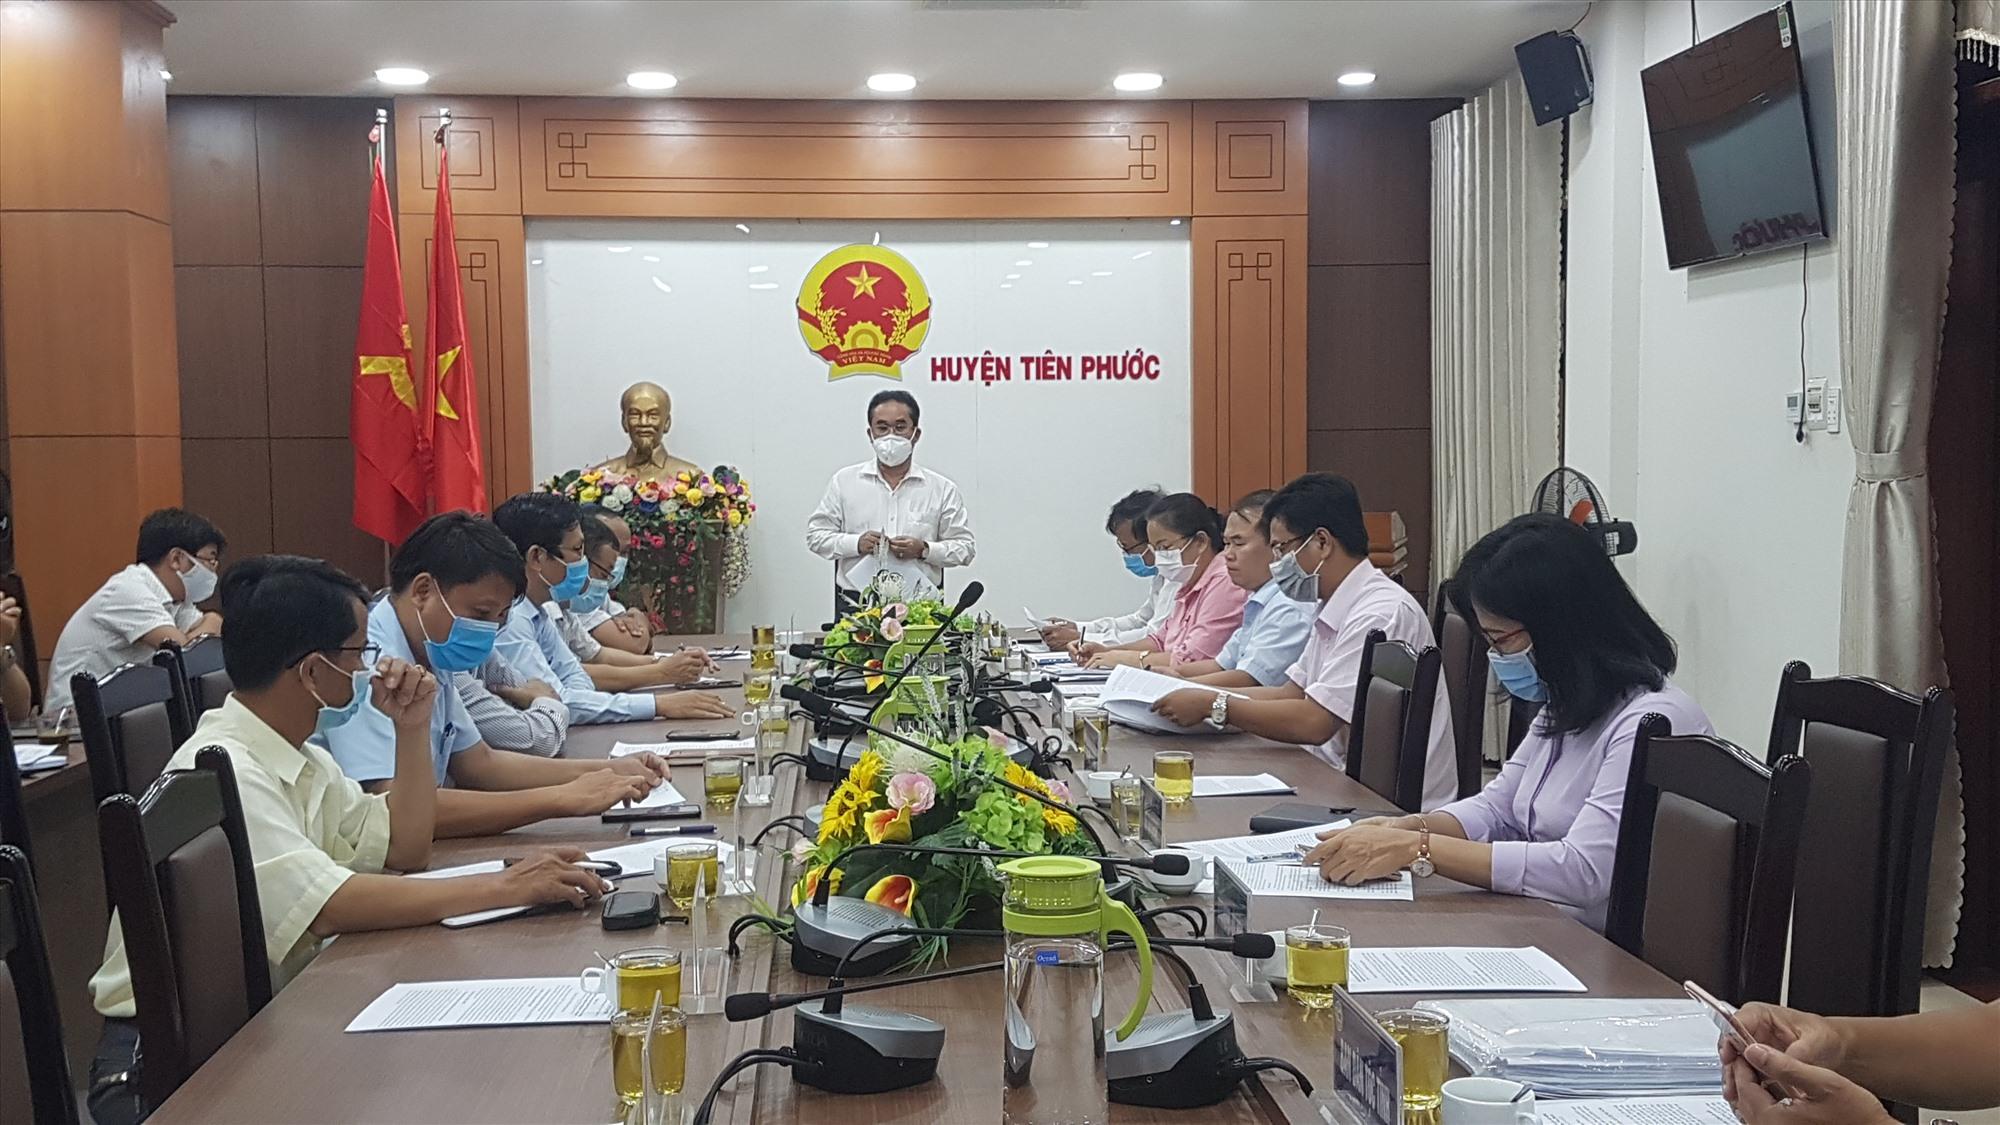 Phó Chủ tịch UBND tỉnh Trần Anh Tuấn làm việc với huyện Tiên Phước. Ảnh: D.L